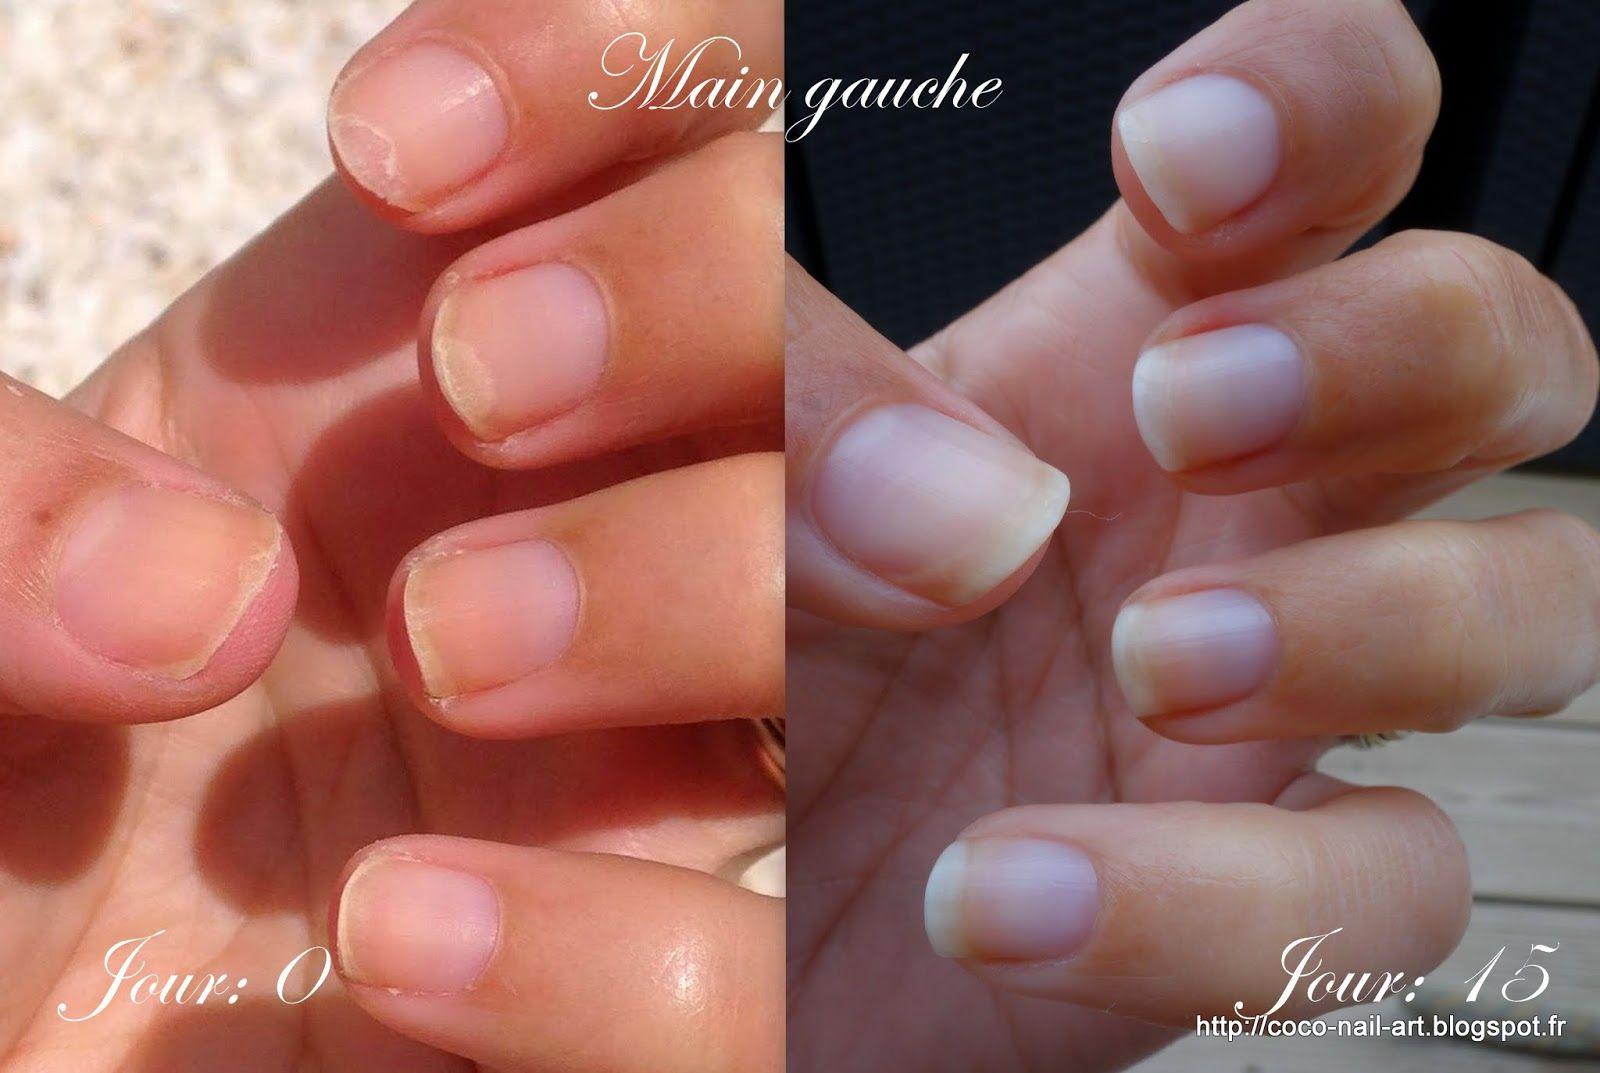 Cure 2 semaines Trind Nail Balsam-Nail Repair main gauche   Soins ...